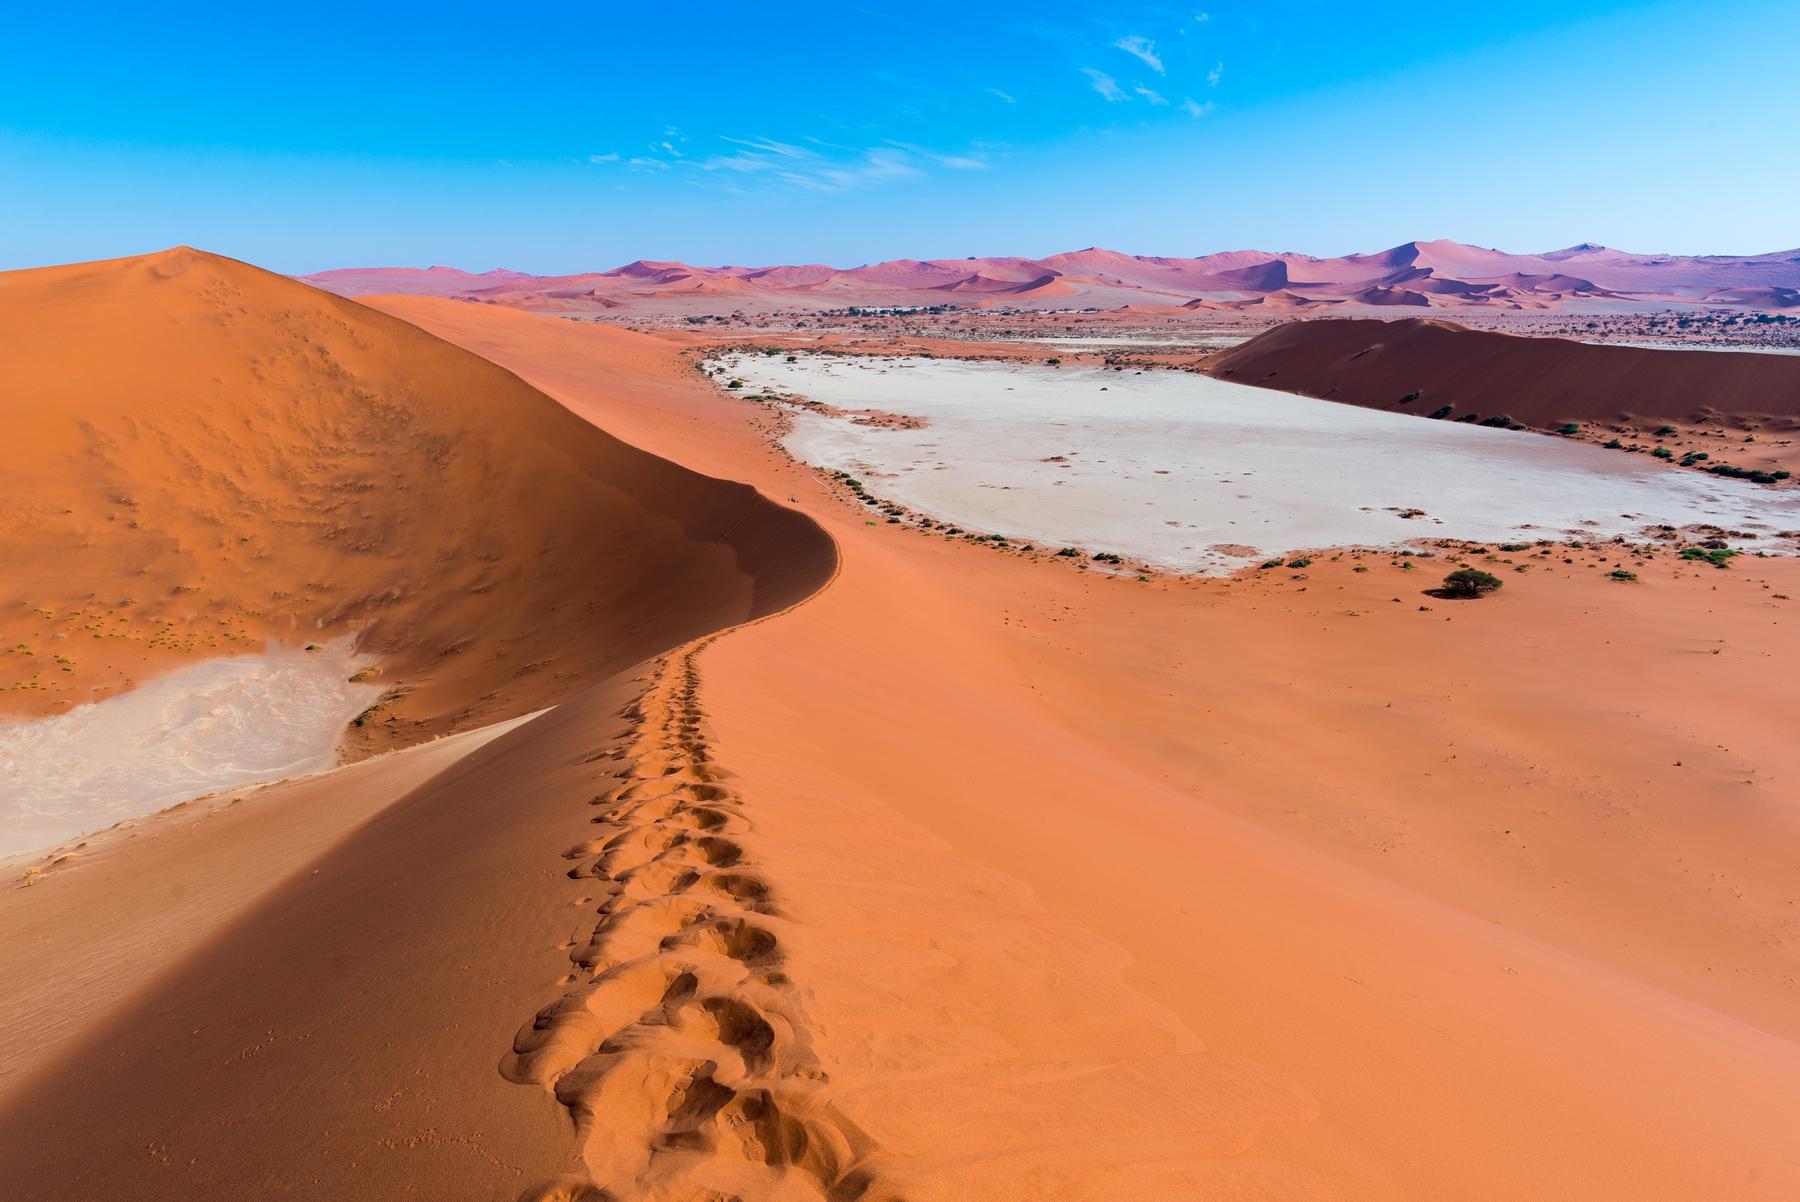 desert in namibia africa